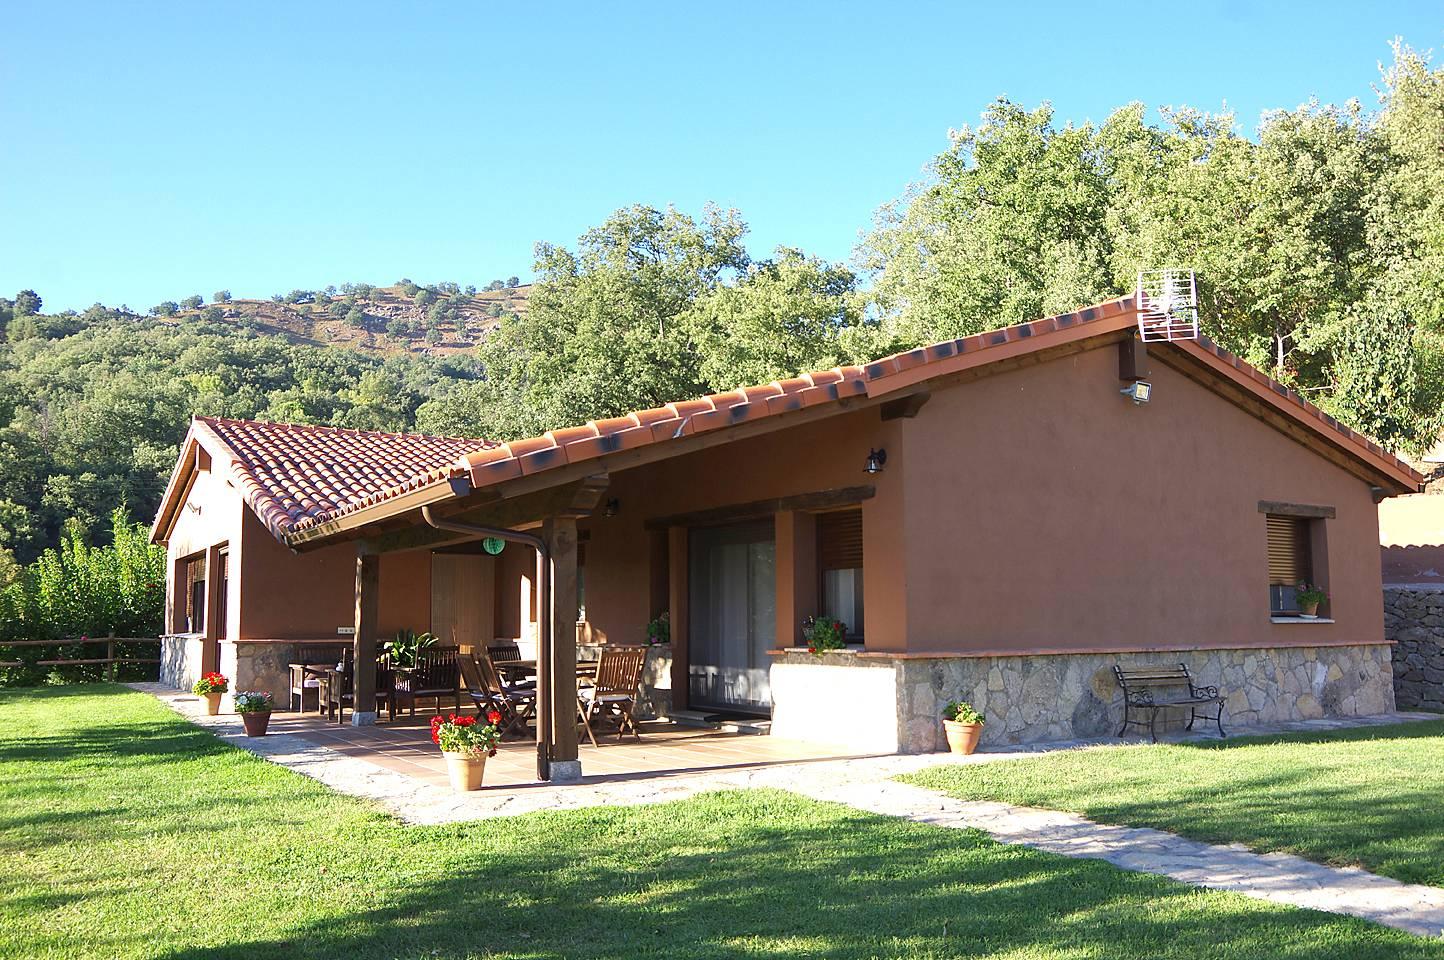 Casa rural valle de gredos candeleda vila valle del ti tar - Casas rurales en avila baratas ...